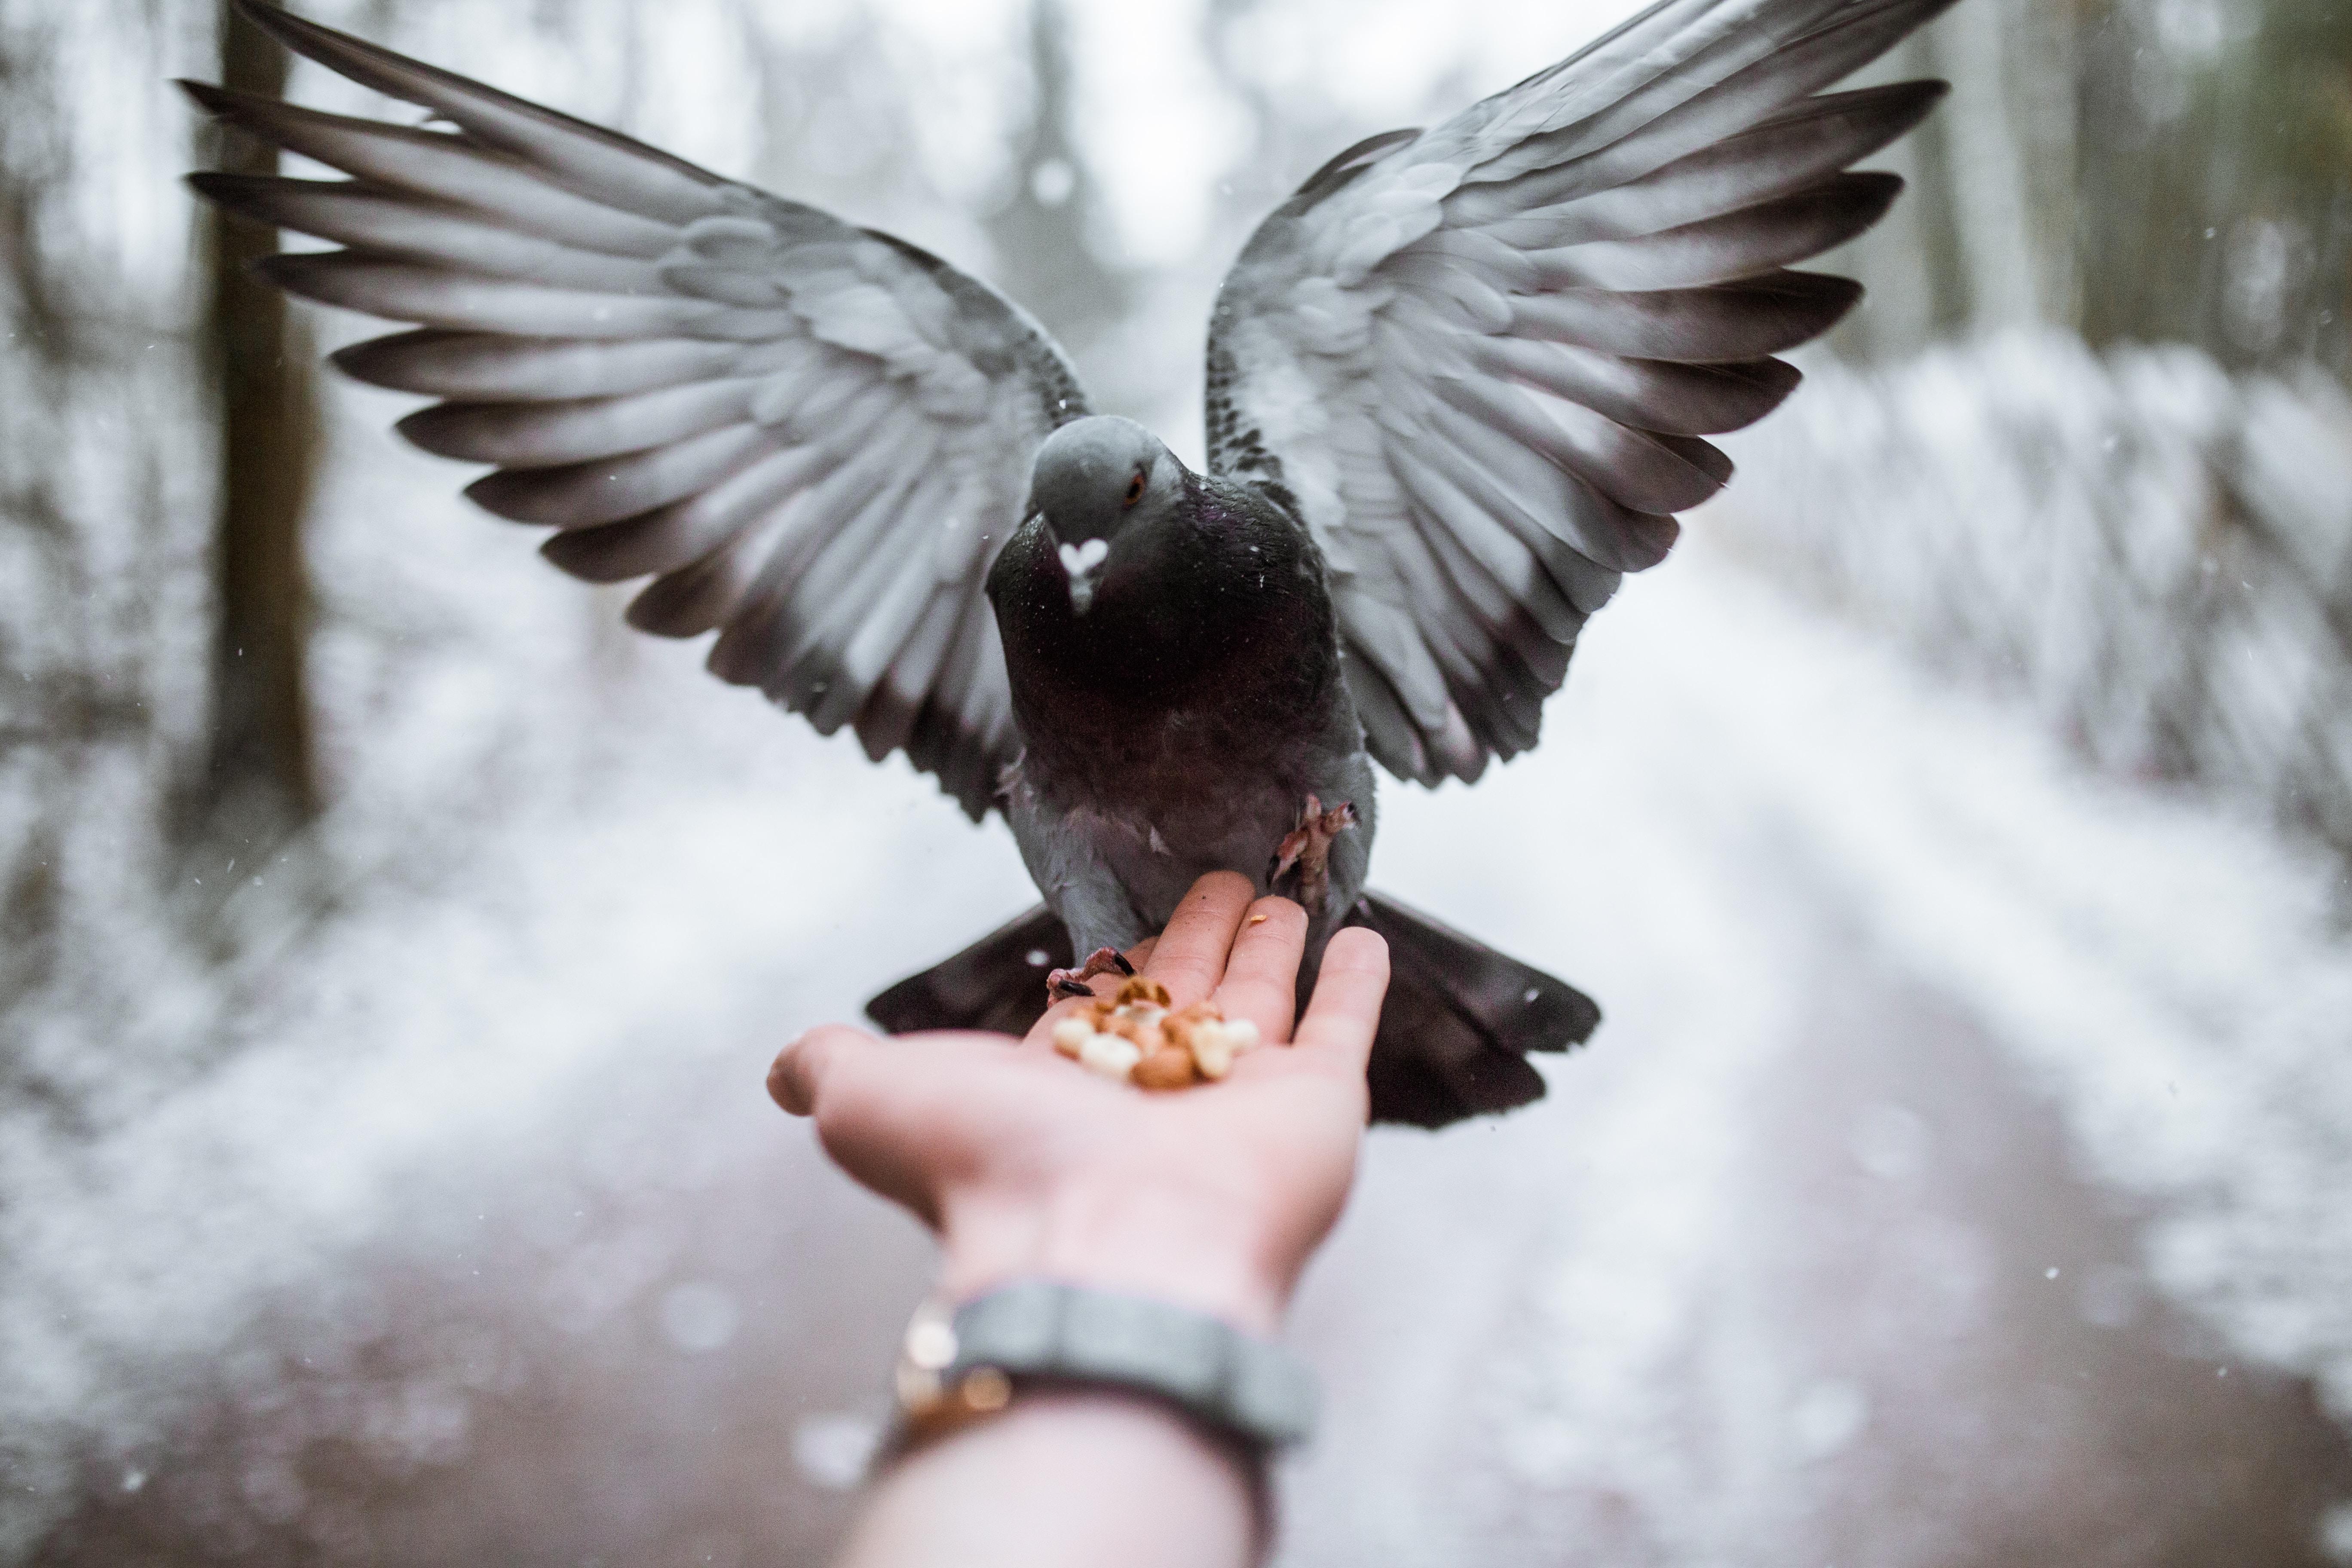 Image by Taneli Lahtinen